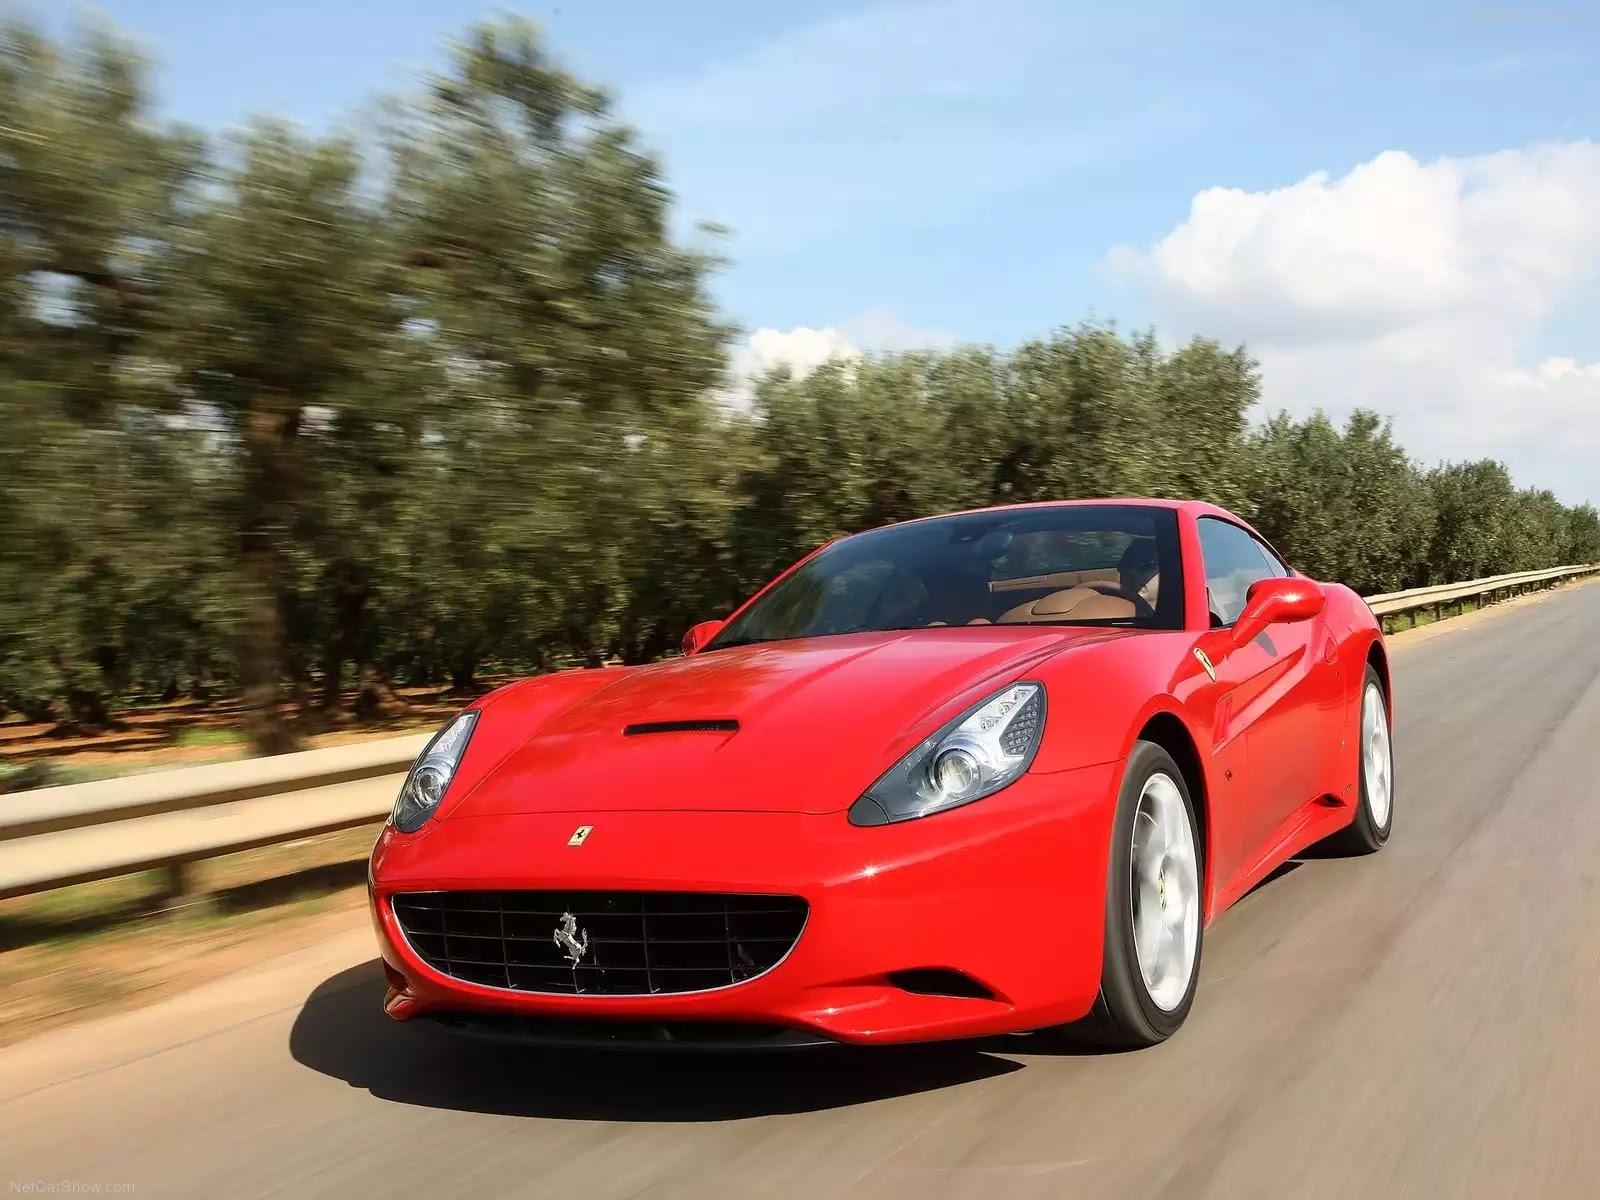 Hình ảnh siêu xe Ferrari California 2009 & nội ngoại thất